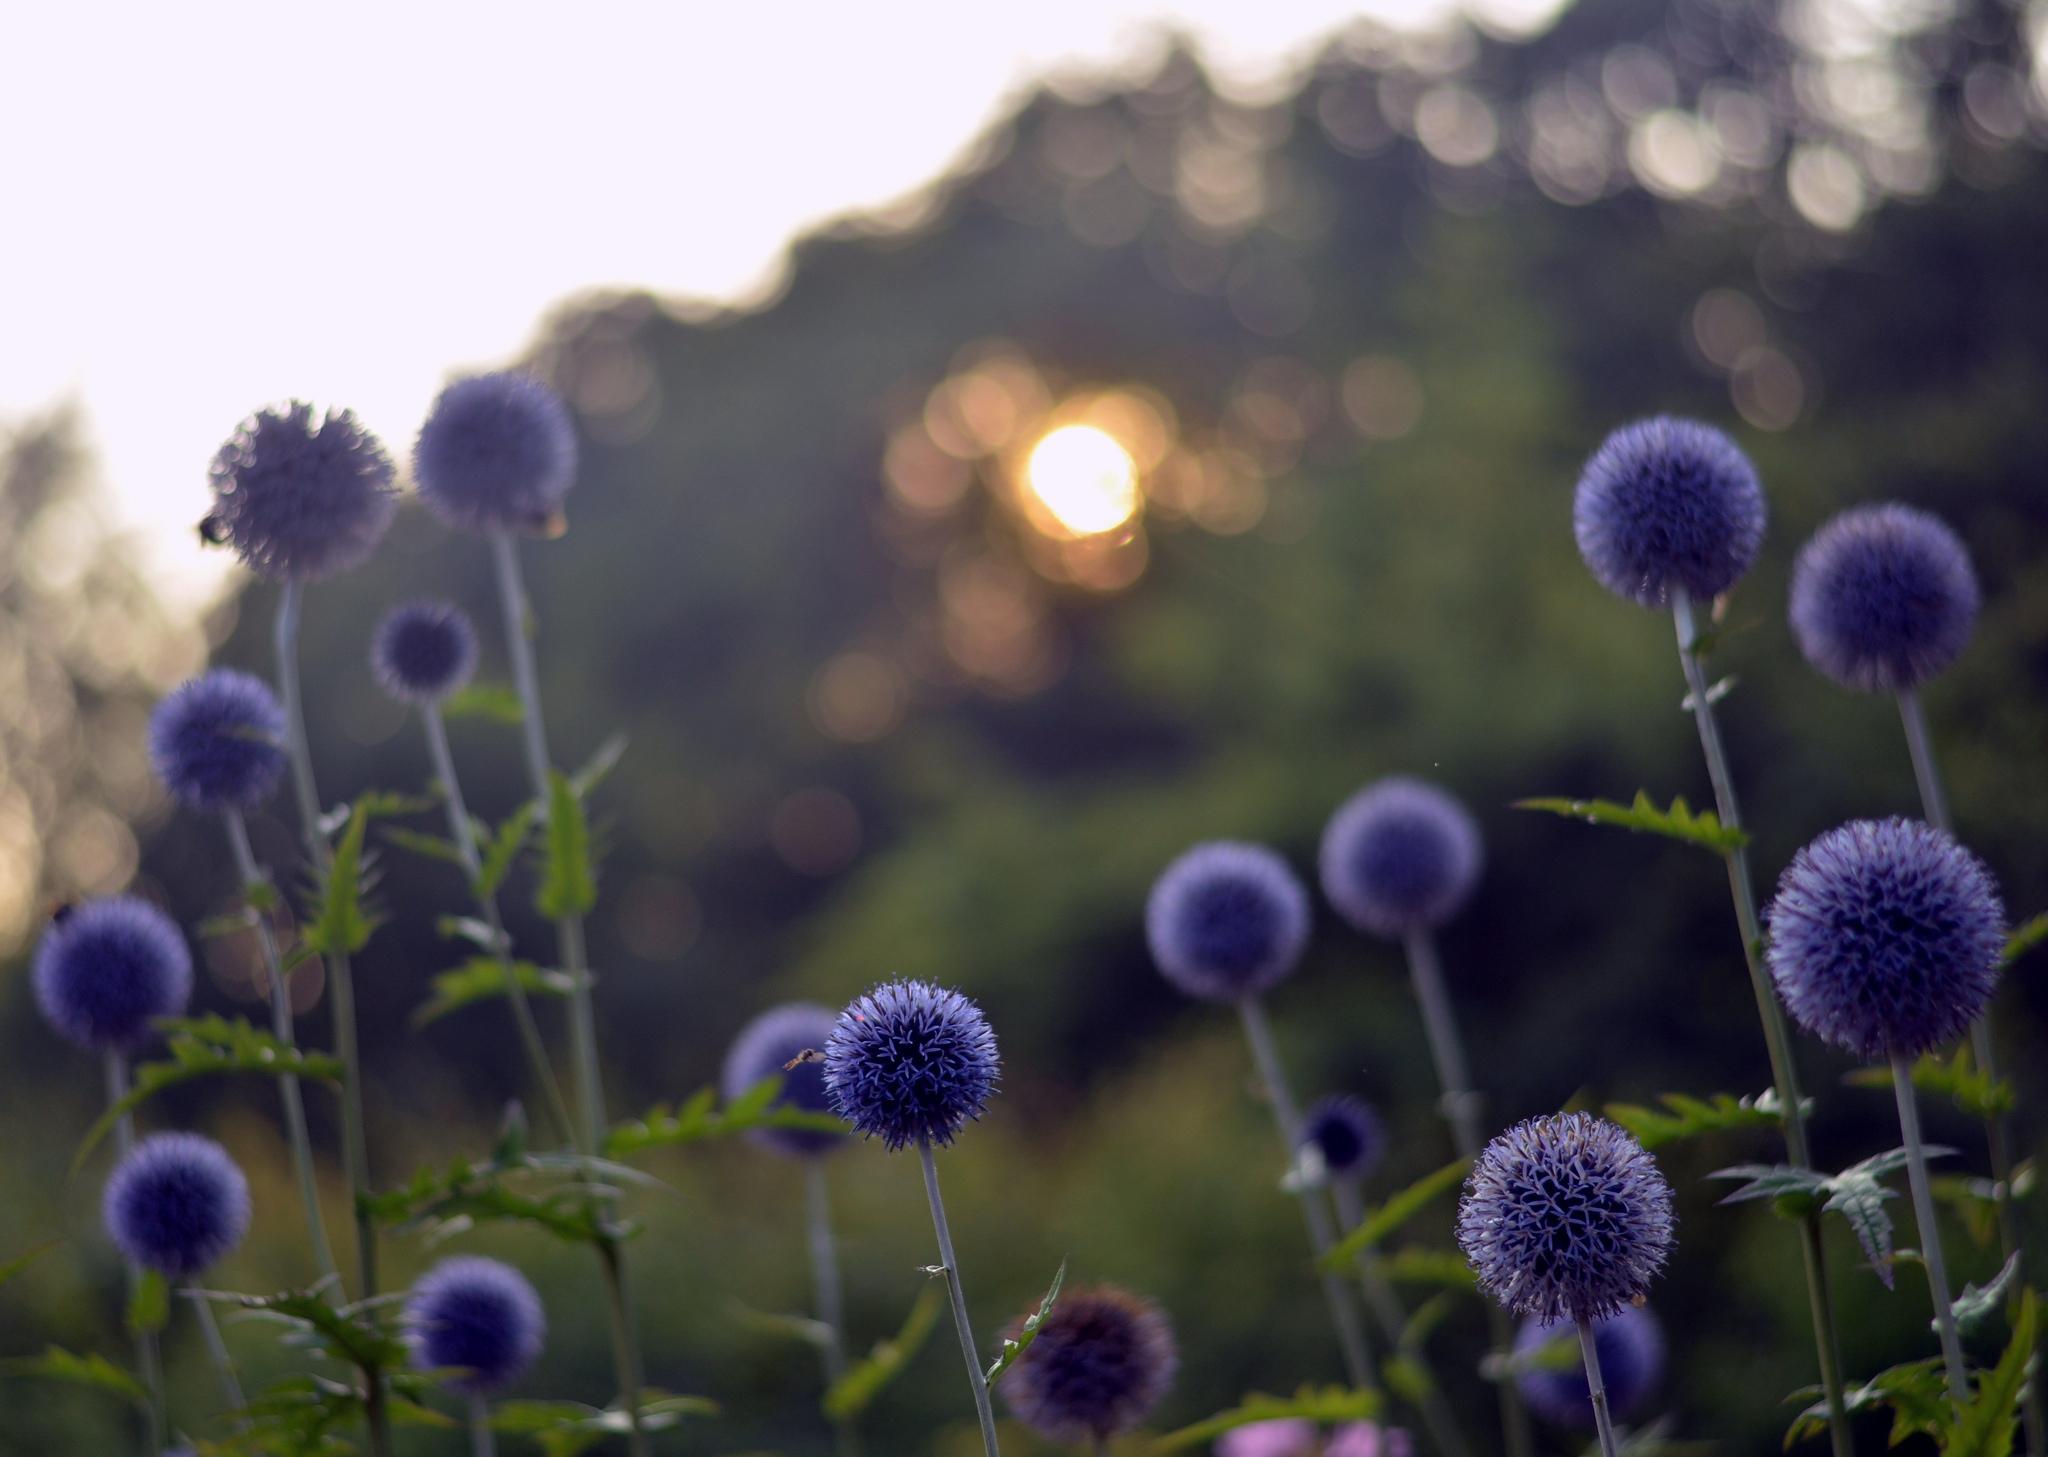 цветы солнце блики  № 1247160 загрузить